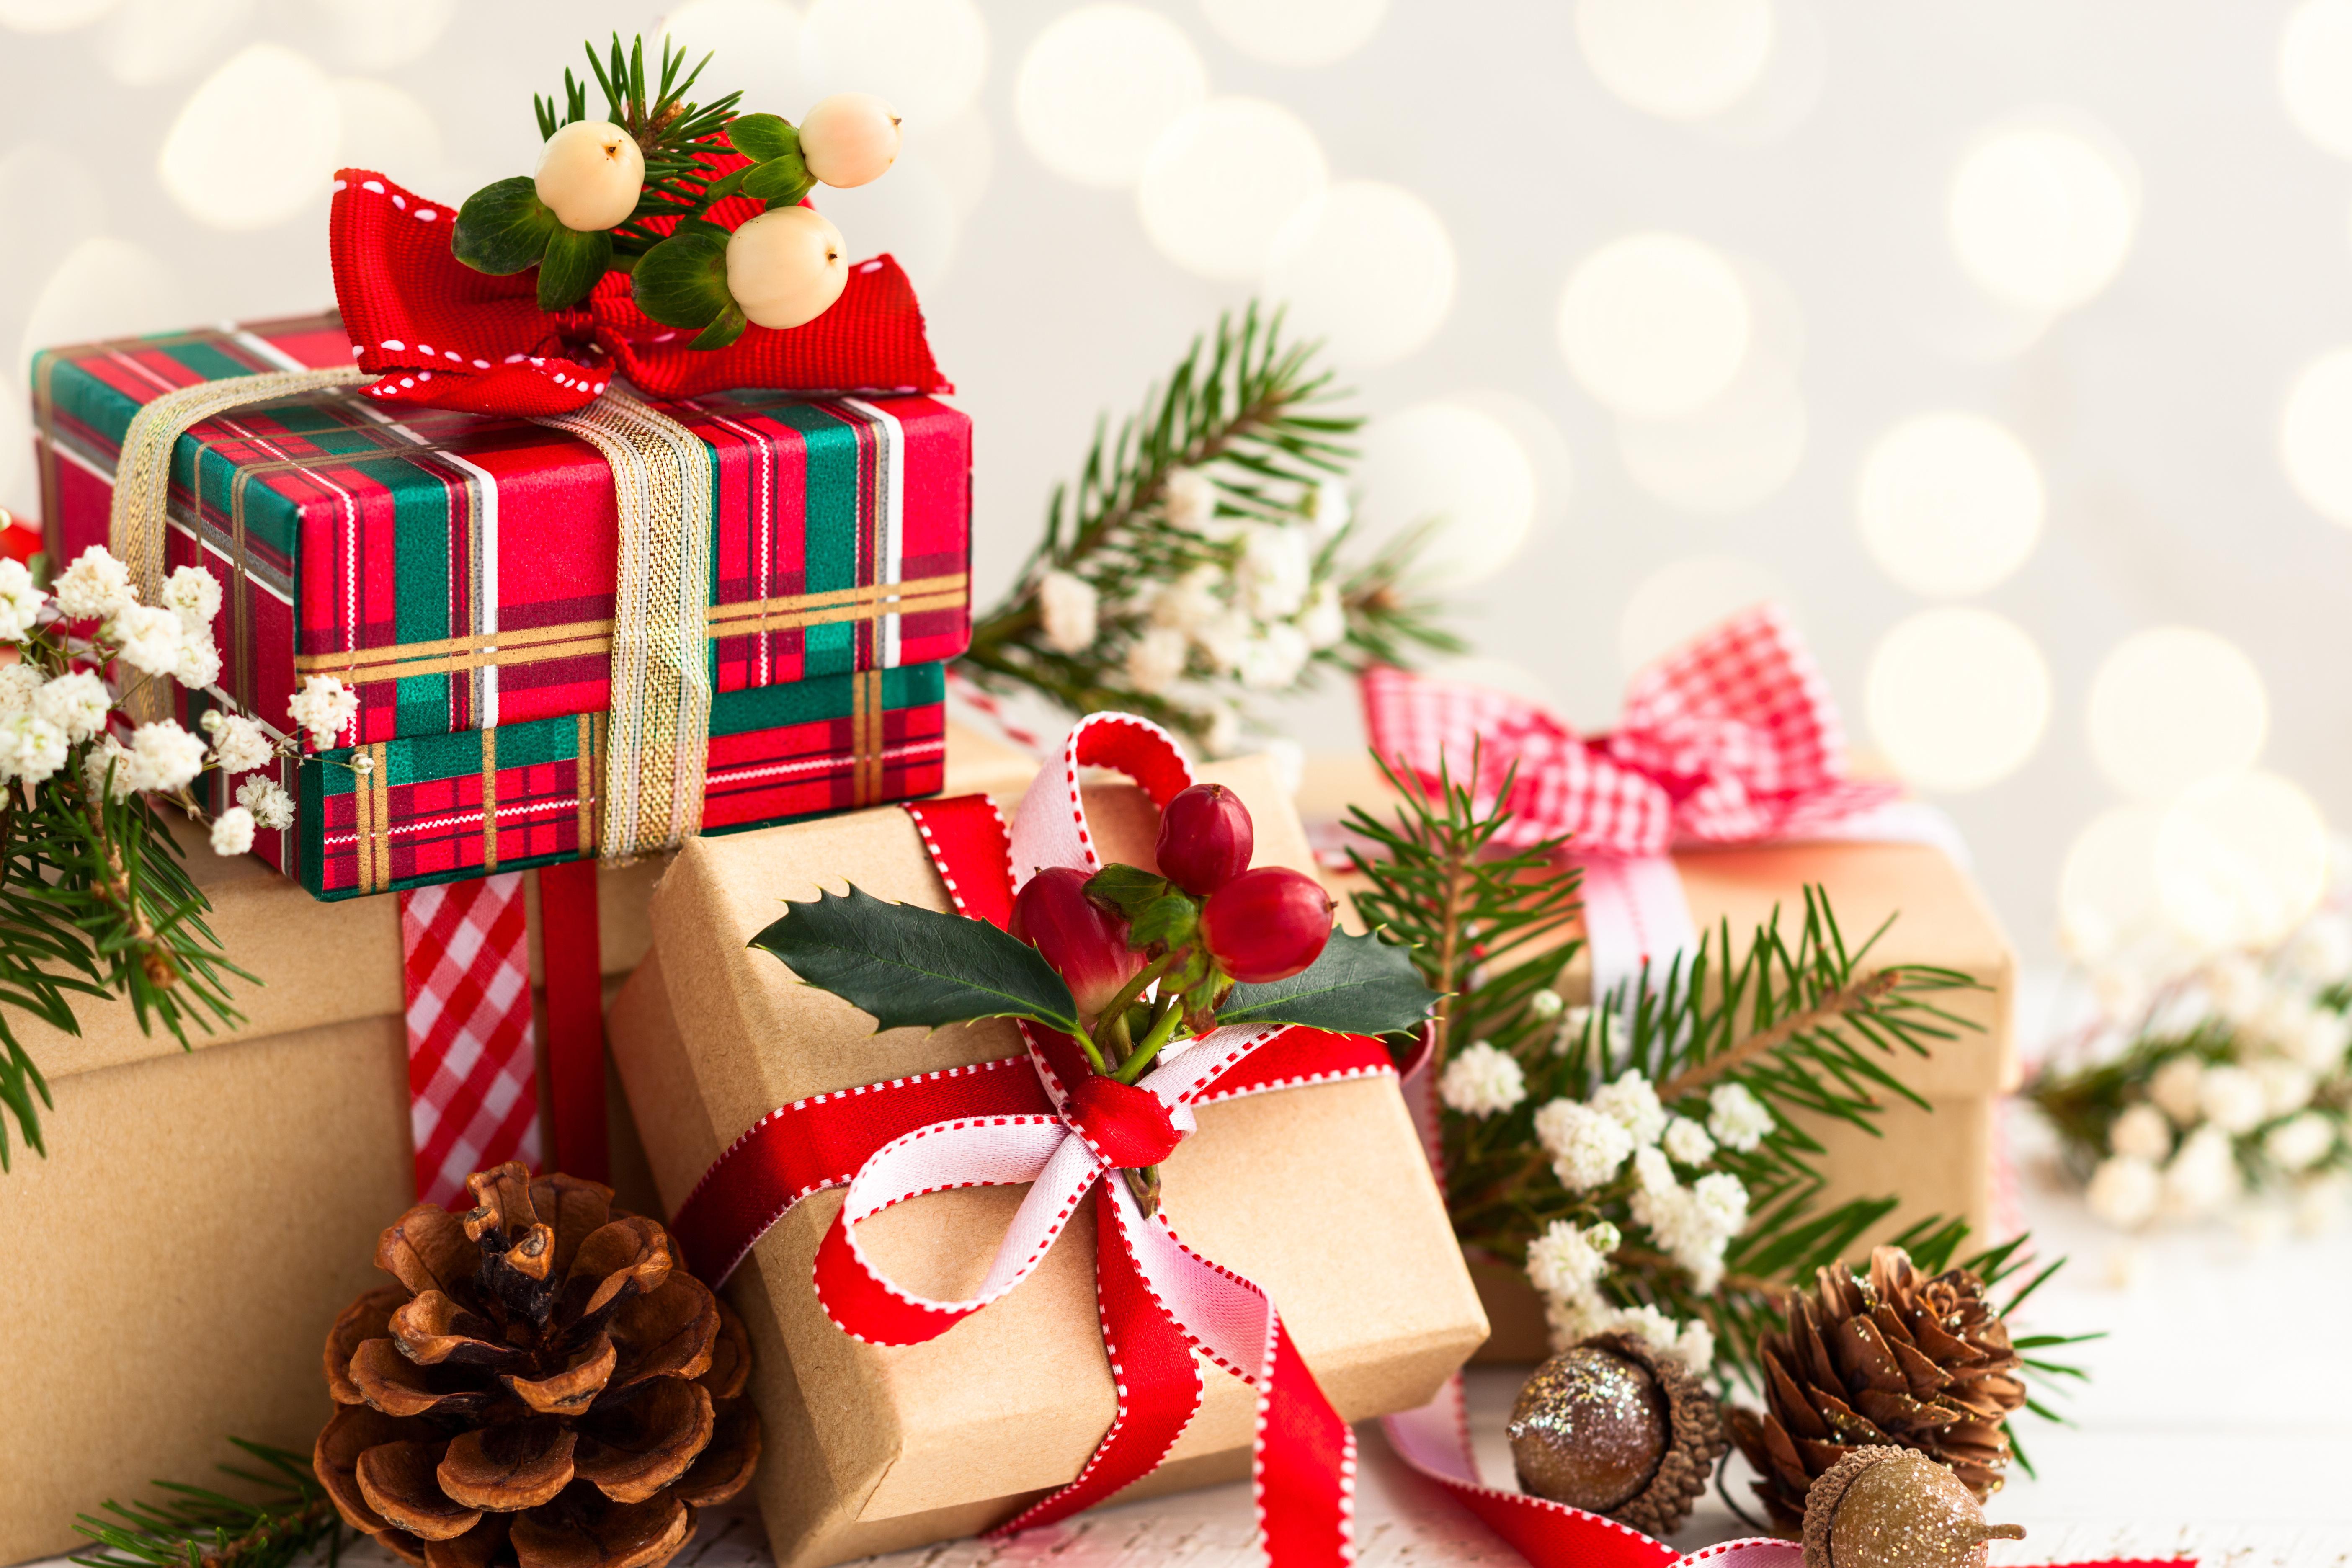 отделении банкомата картинки с новогодними подарками входит состав